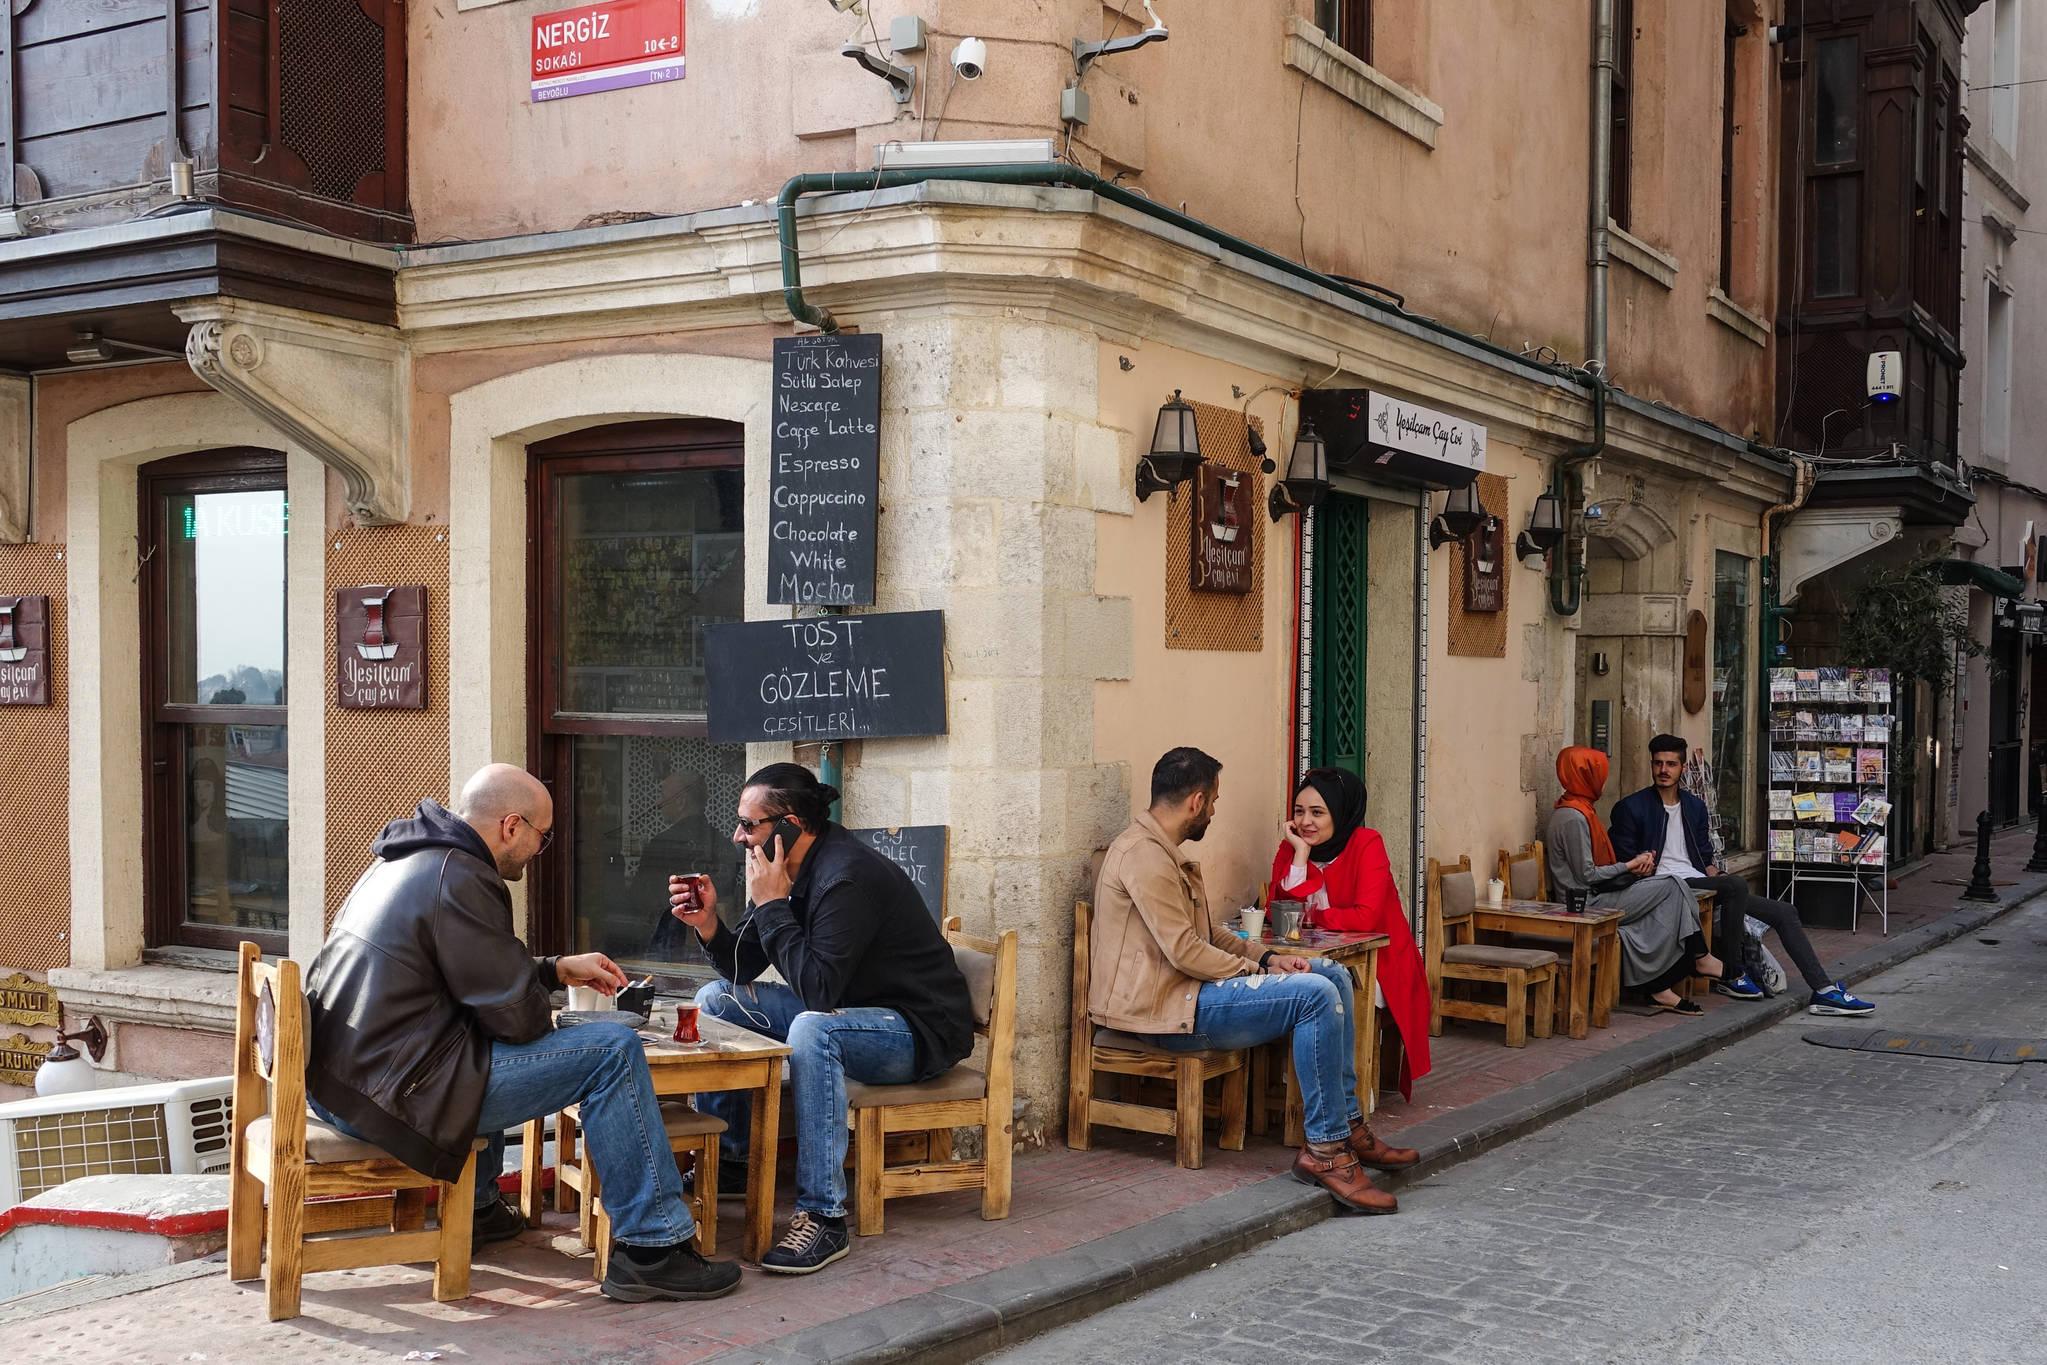 터키인은 커피보다 차이(터키식 홍차)를 즐겨 마신다. 골목마다 카페 야외 테이블에 앉아 차이를 마시며 담소를 나누는 사람을 볼 수 있다.